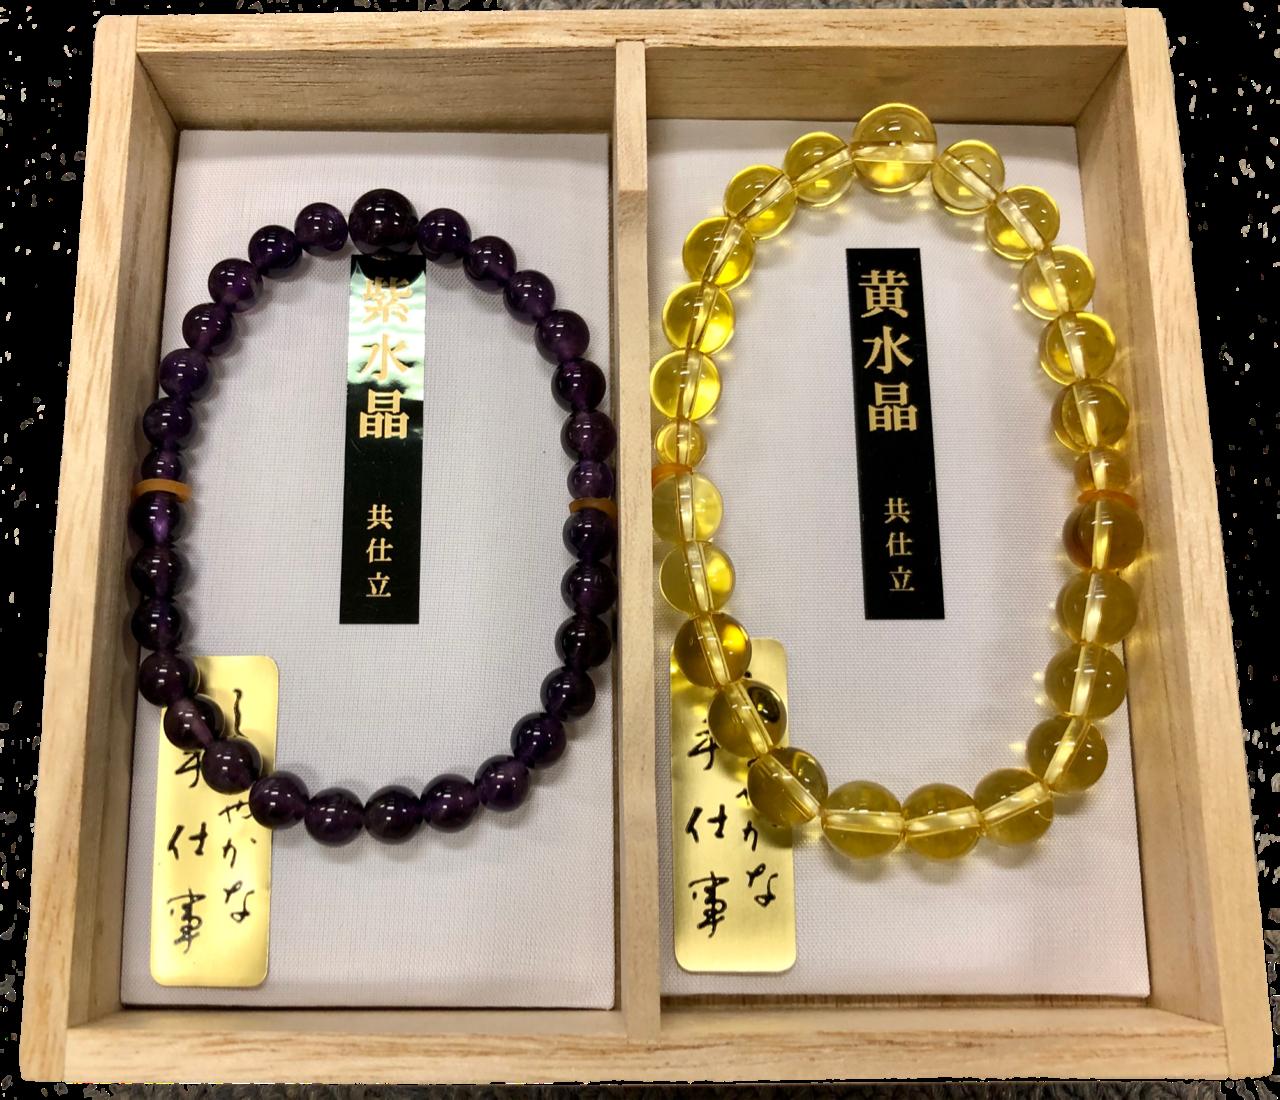 夫婦箱入腕輪念珠 紫水晶/黄水晶